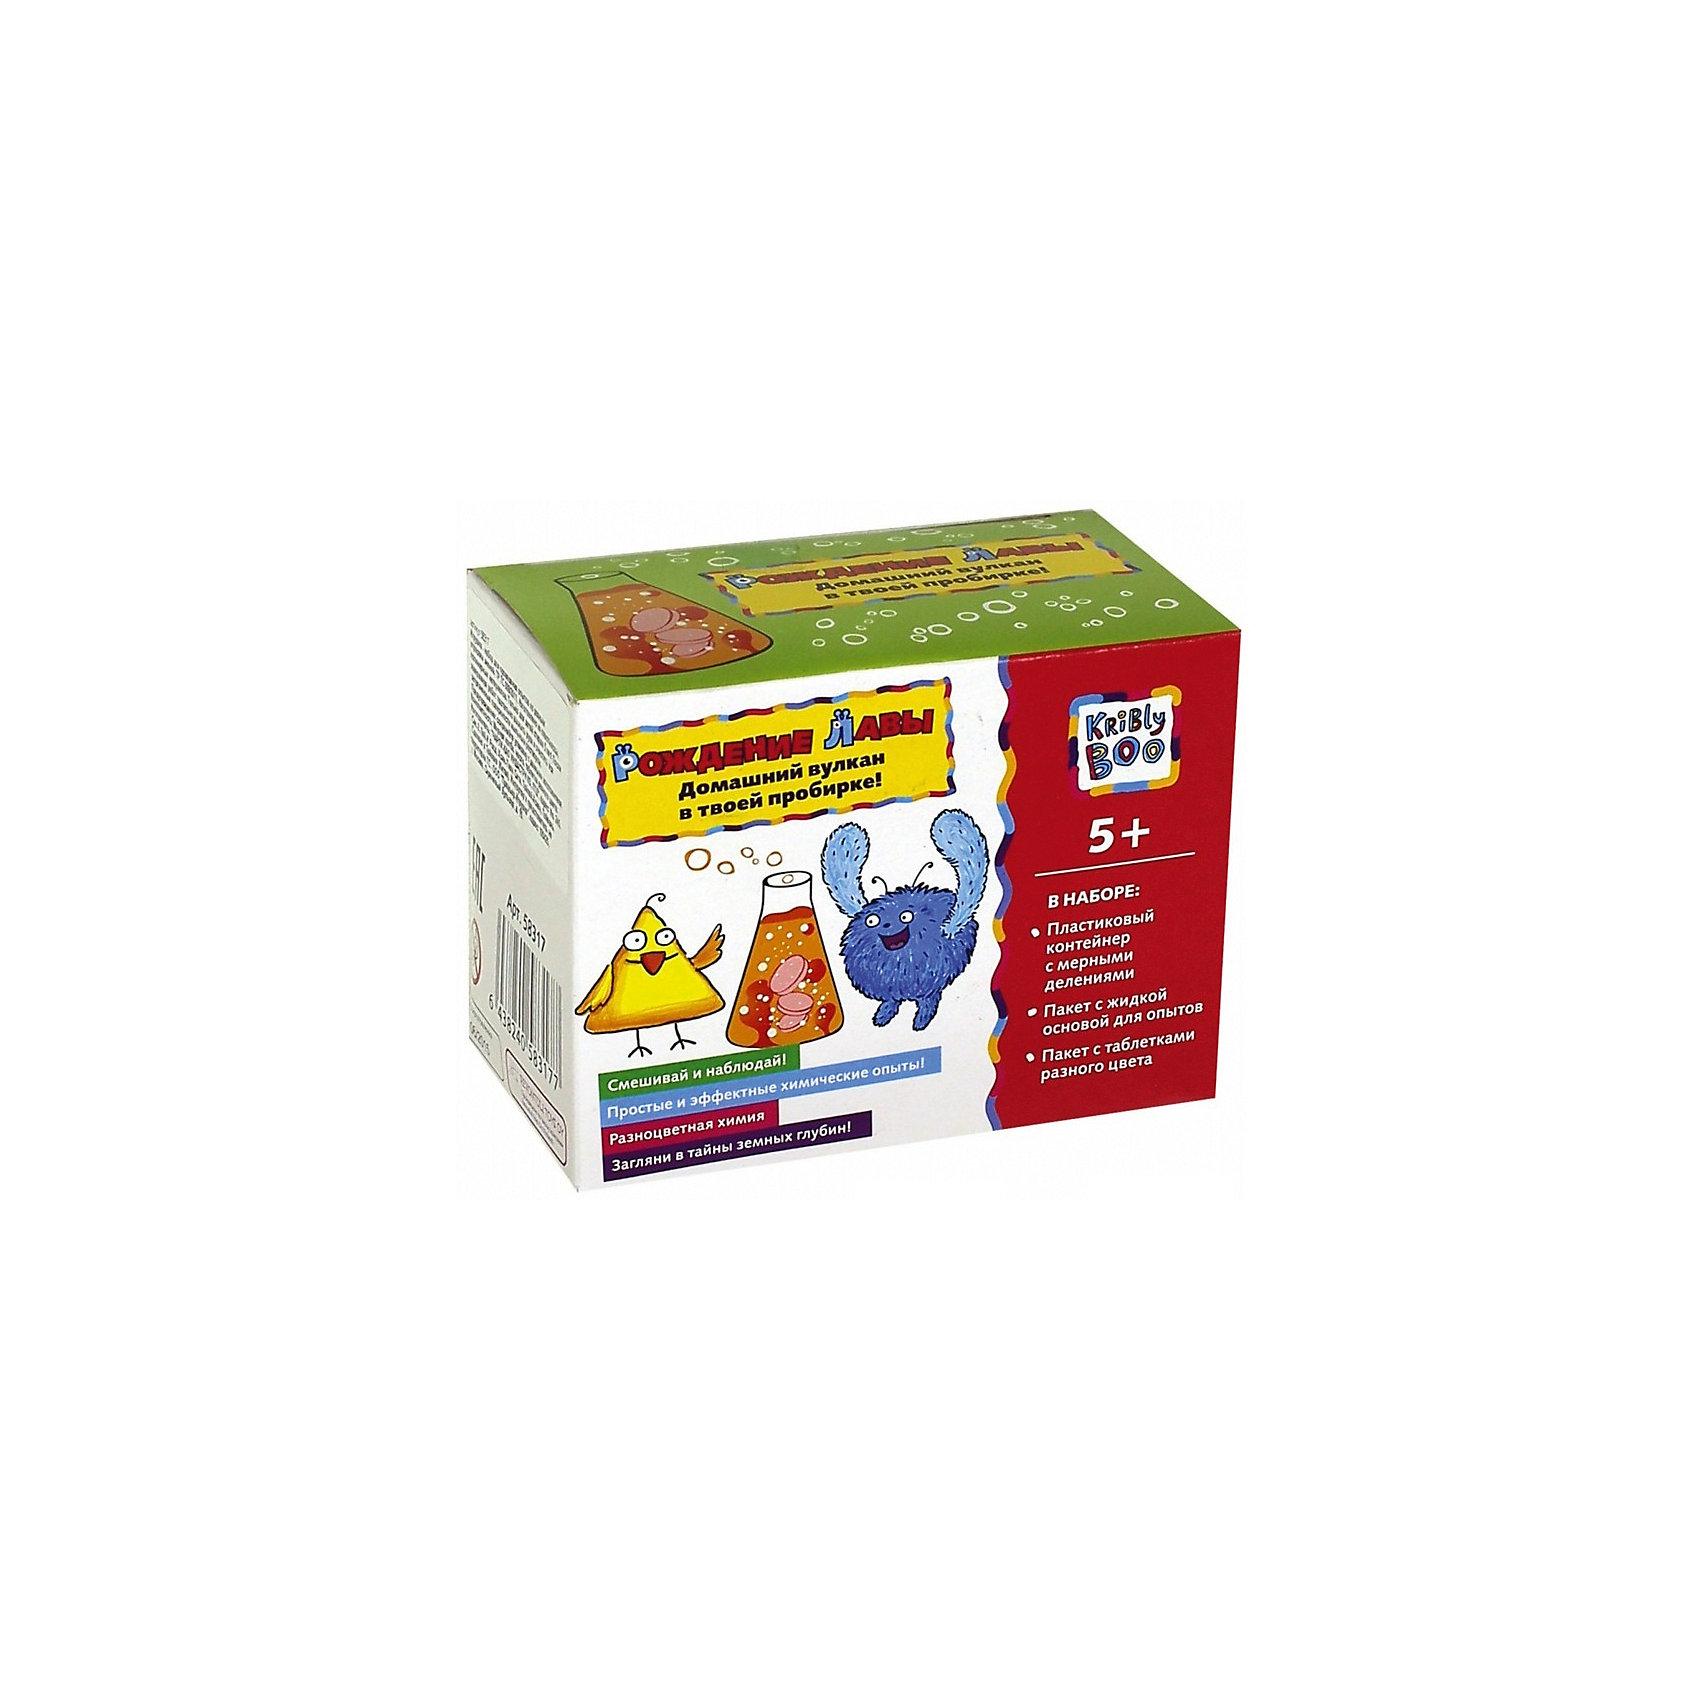 Набор научный Рождение лавыХарактеристики товара:<br><br>• размер упаковки: 2 x 26 x 33 см<br>• вес: 100 г<br>• комплектация: пластиковый контейнер с мерными делениями, пакет с жидкой основой для опытов, пакет с таблетками разного цвета<br>• возраст: от пяти лет<br>• упаковка: коробка<br>• страна бренда: Финляндия<br>• страна изготовитель: Китай<br><br>Такой набор станет отличным подарком ребенку - ведь с помощью него можно проводить интересные опыты! В набор входят различные предметы и реактивы, с помощью которых можно узнать о природе вулканов. Это отличный способ изучать химию!<br>Проведение опытов помогает детям развивать важные навыки и способности, оно активизирует мышление, формирует усидчивость, логику, мелкую моторику и воображение. Изделие производится из качественных и проверенных материалов, которые безопасны для детей.<br><br>Набор научный Рождение лавы от бренда KriBly Boo можно купить в нашем интернет-магазине.<br><br>Ширина мм: 330<br>Глубина мм: 260<br>Высота мм: 160<br>Вес г: 94<br>Возраст от месяцев: 60<br>Возраст до месяцев: 108<br>Пол: Унисекс<br>Возраст: Детский<br>SKU: 5167844